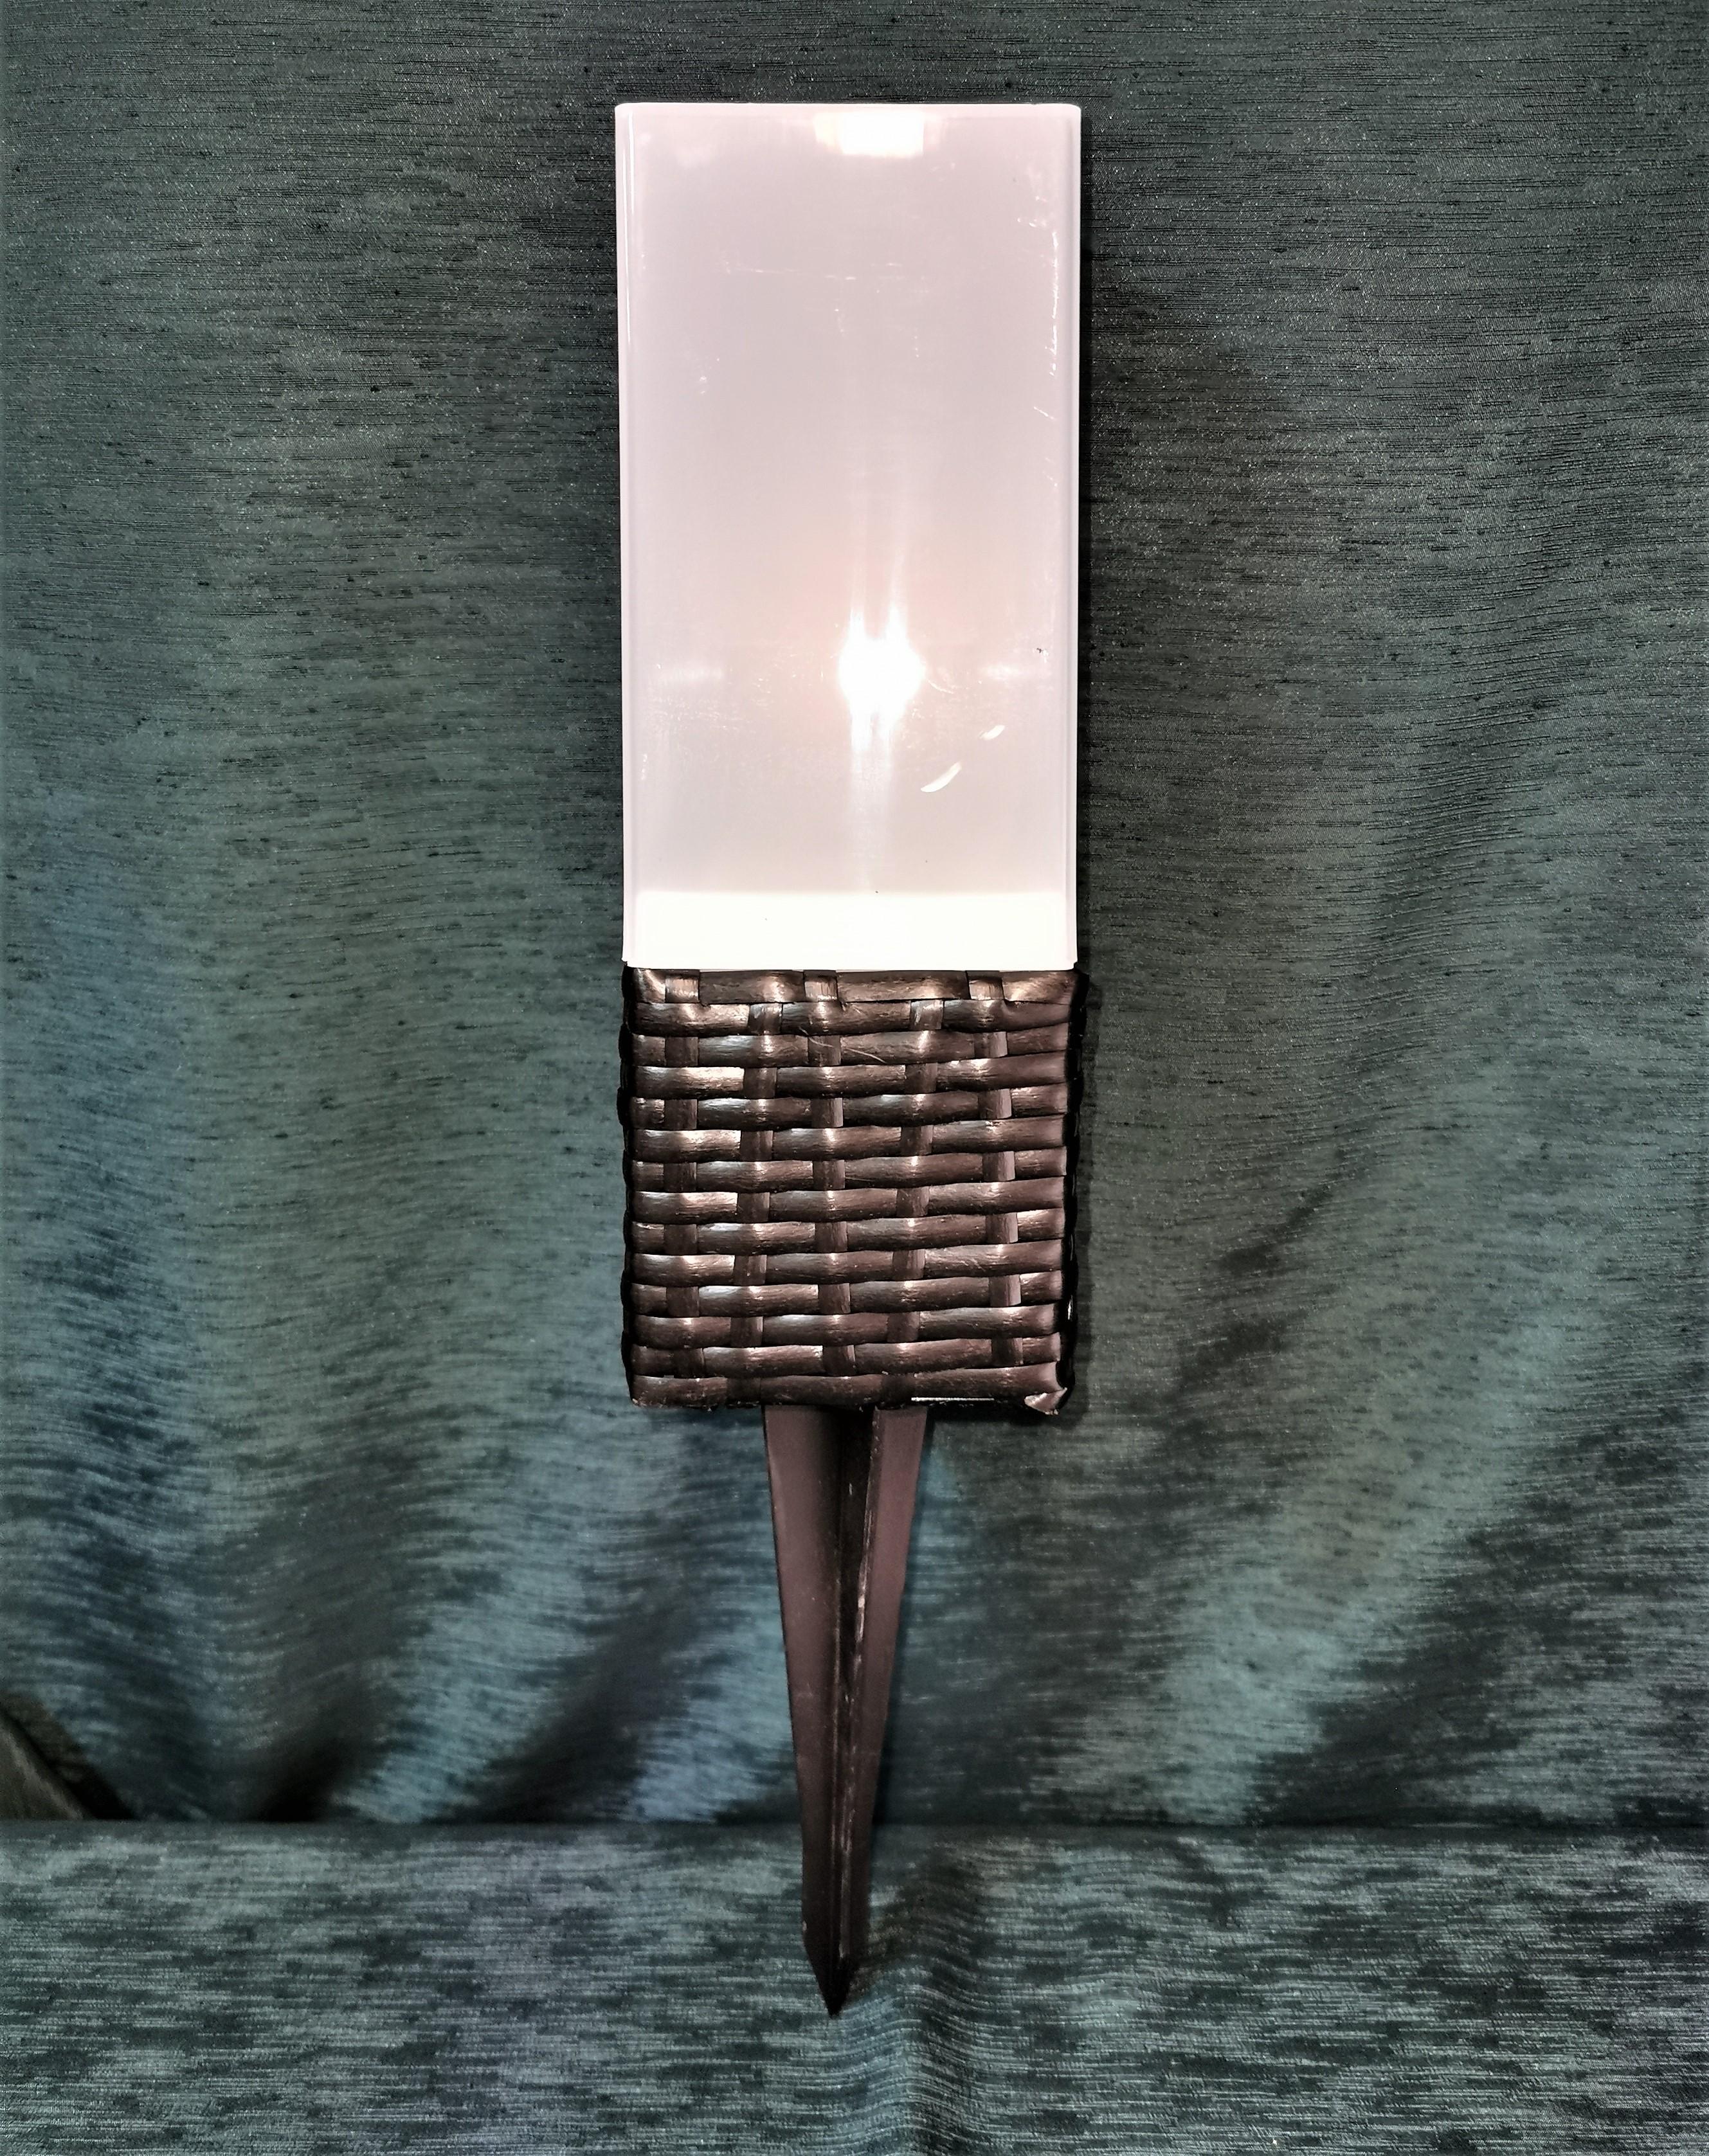 LAMPA SOLAR EL-JF577A